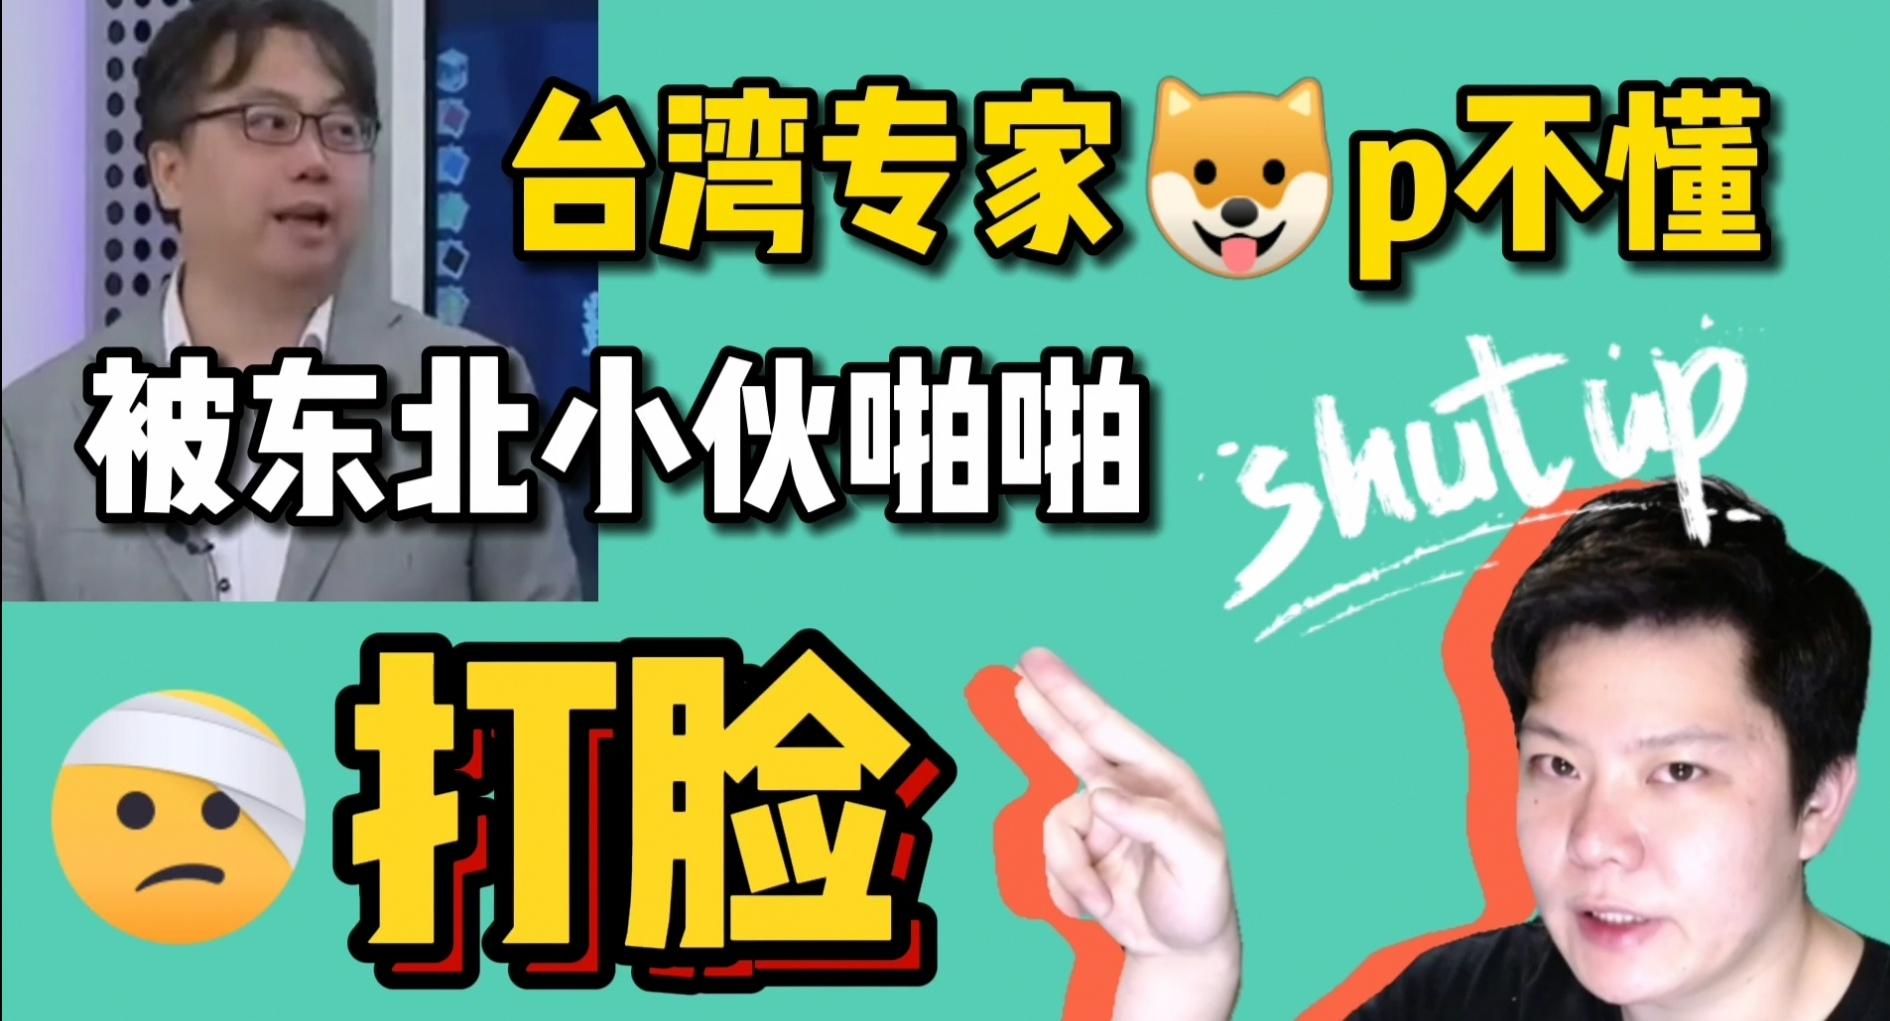 """台湾""""专家"""":大陆技术落后只能造十年前旧电池,东北小伙狠狠打脸:不懂别瞎说!图片"""